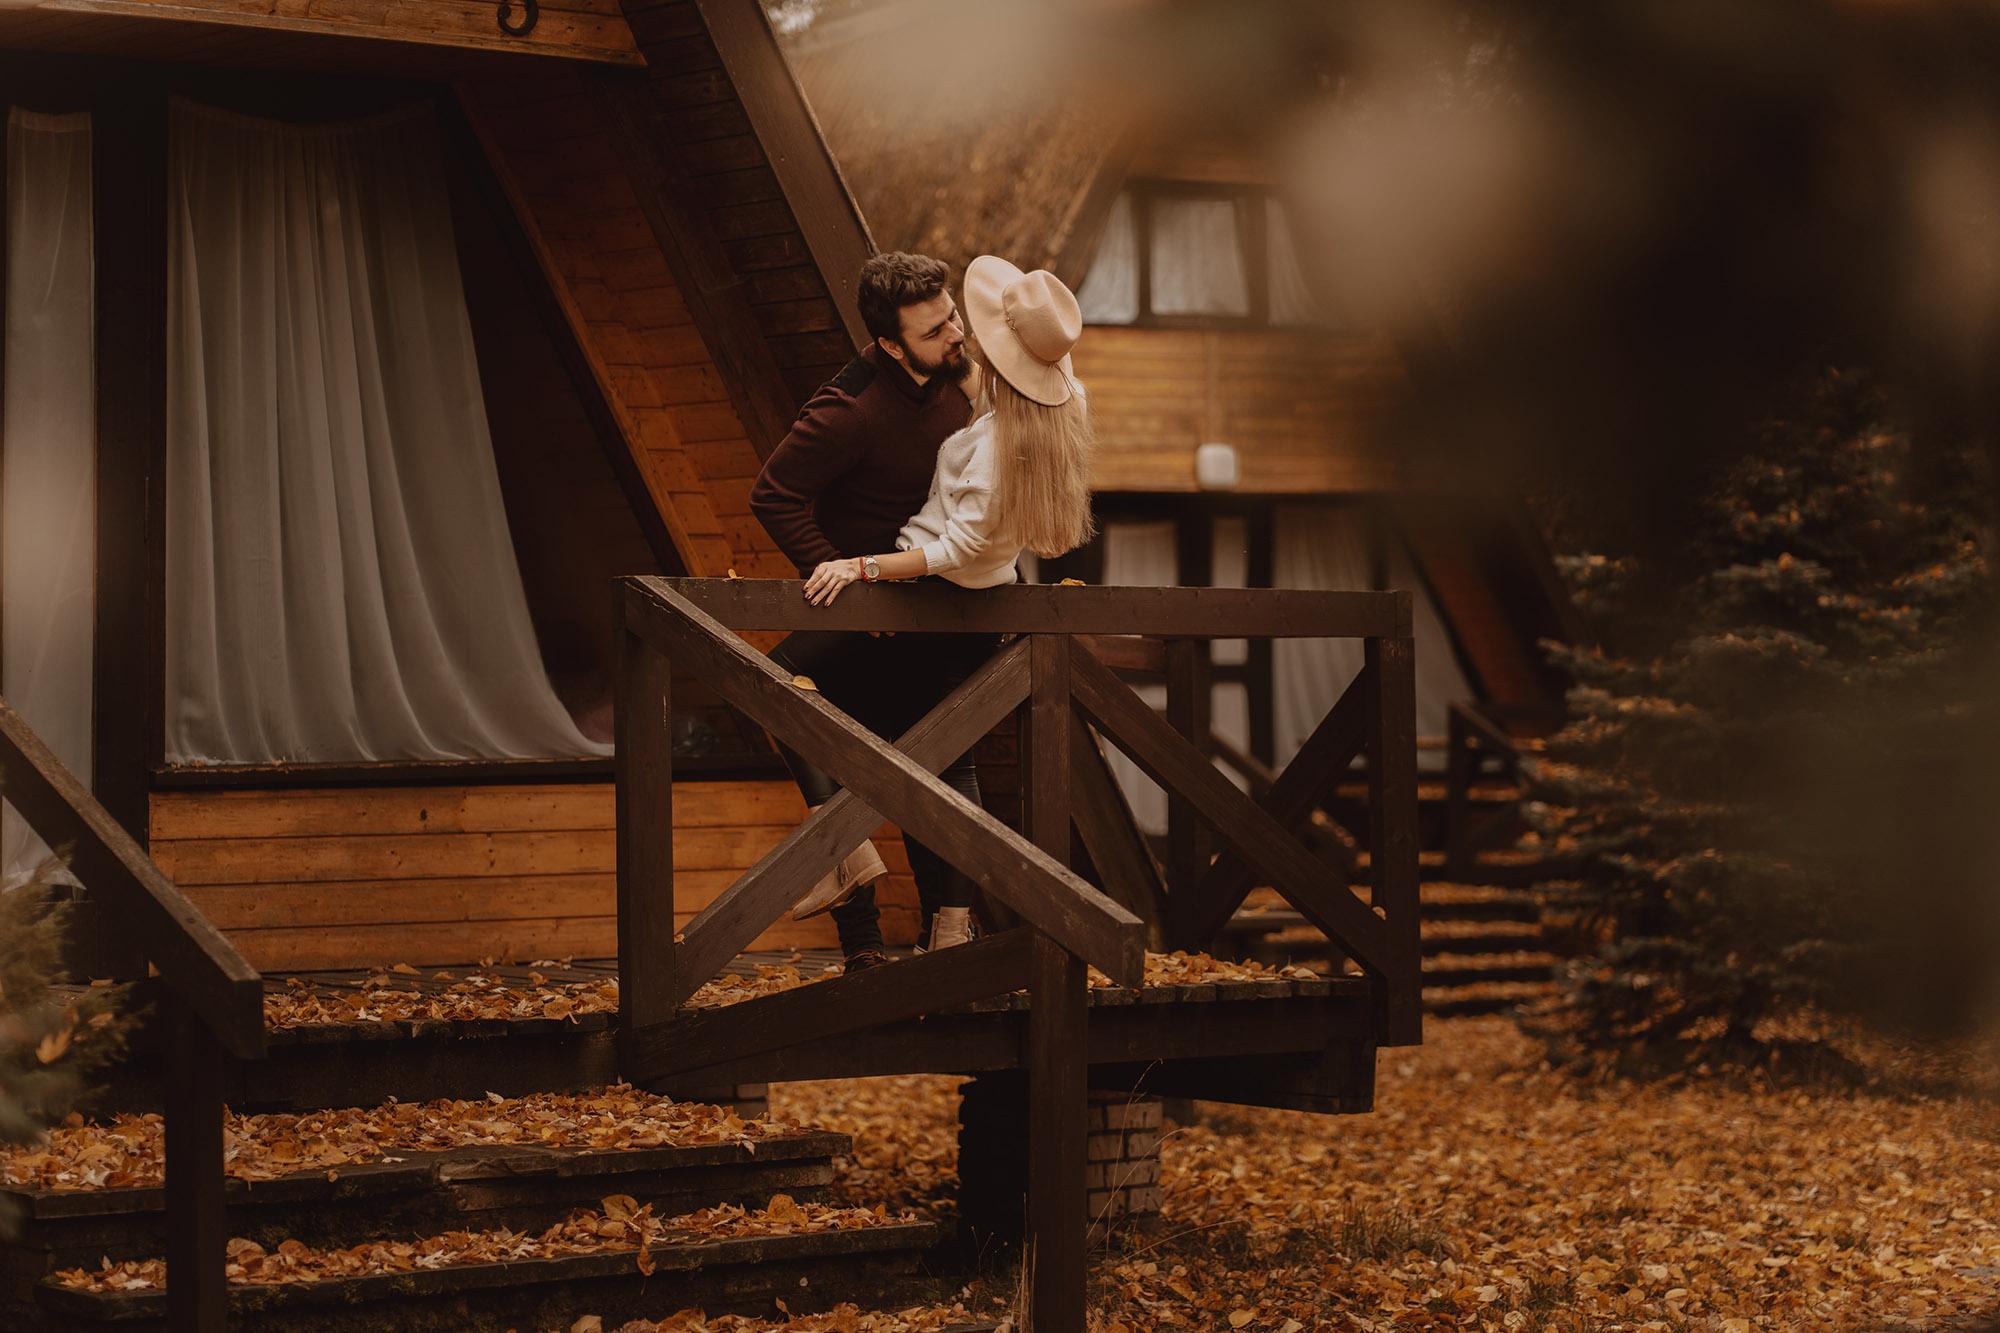 Jesienna sesja narzeczenska00022 - Jesienna sesja narzeczeńska